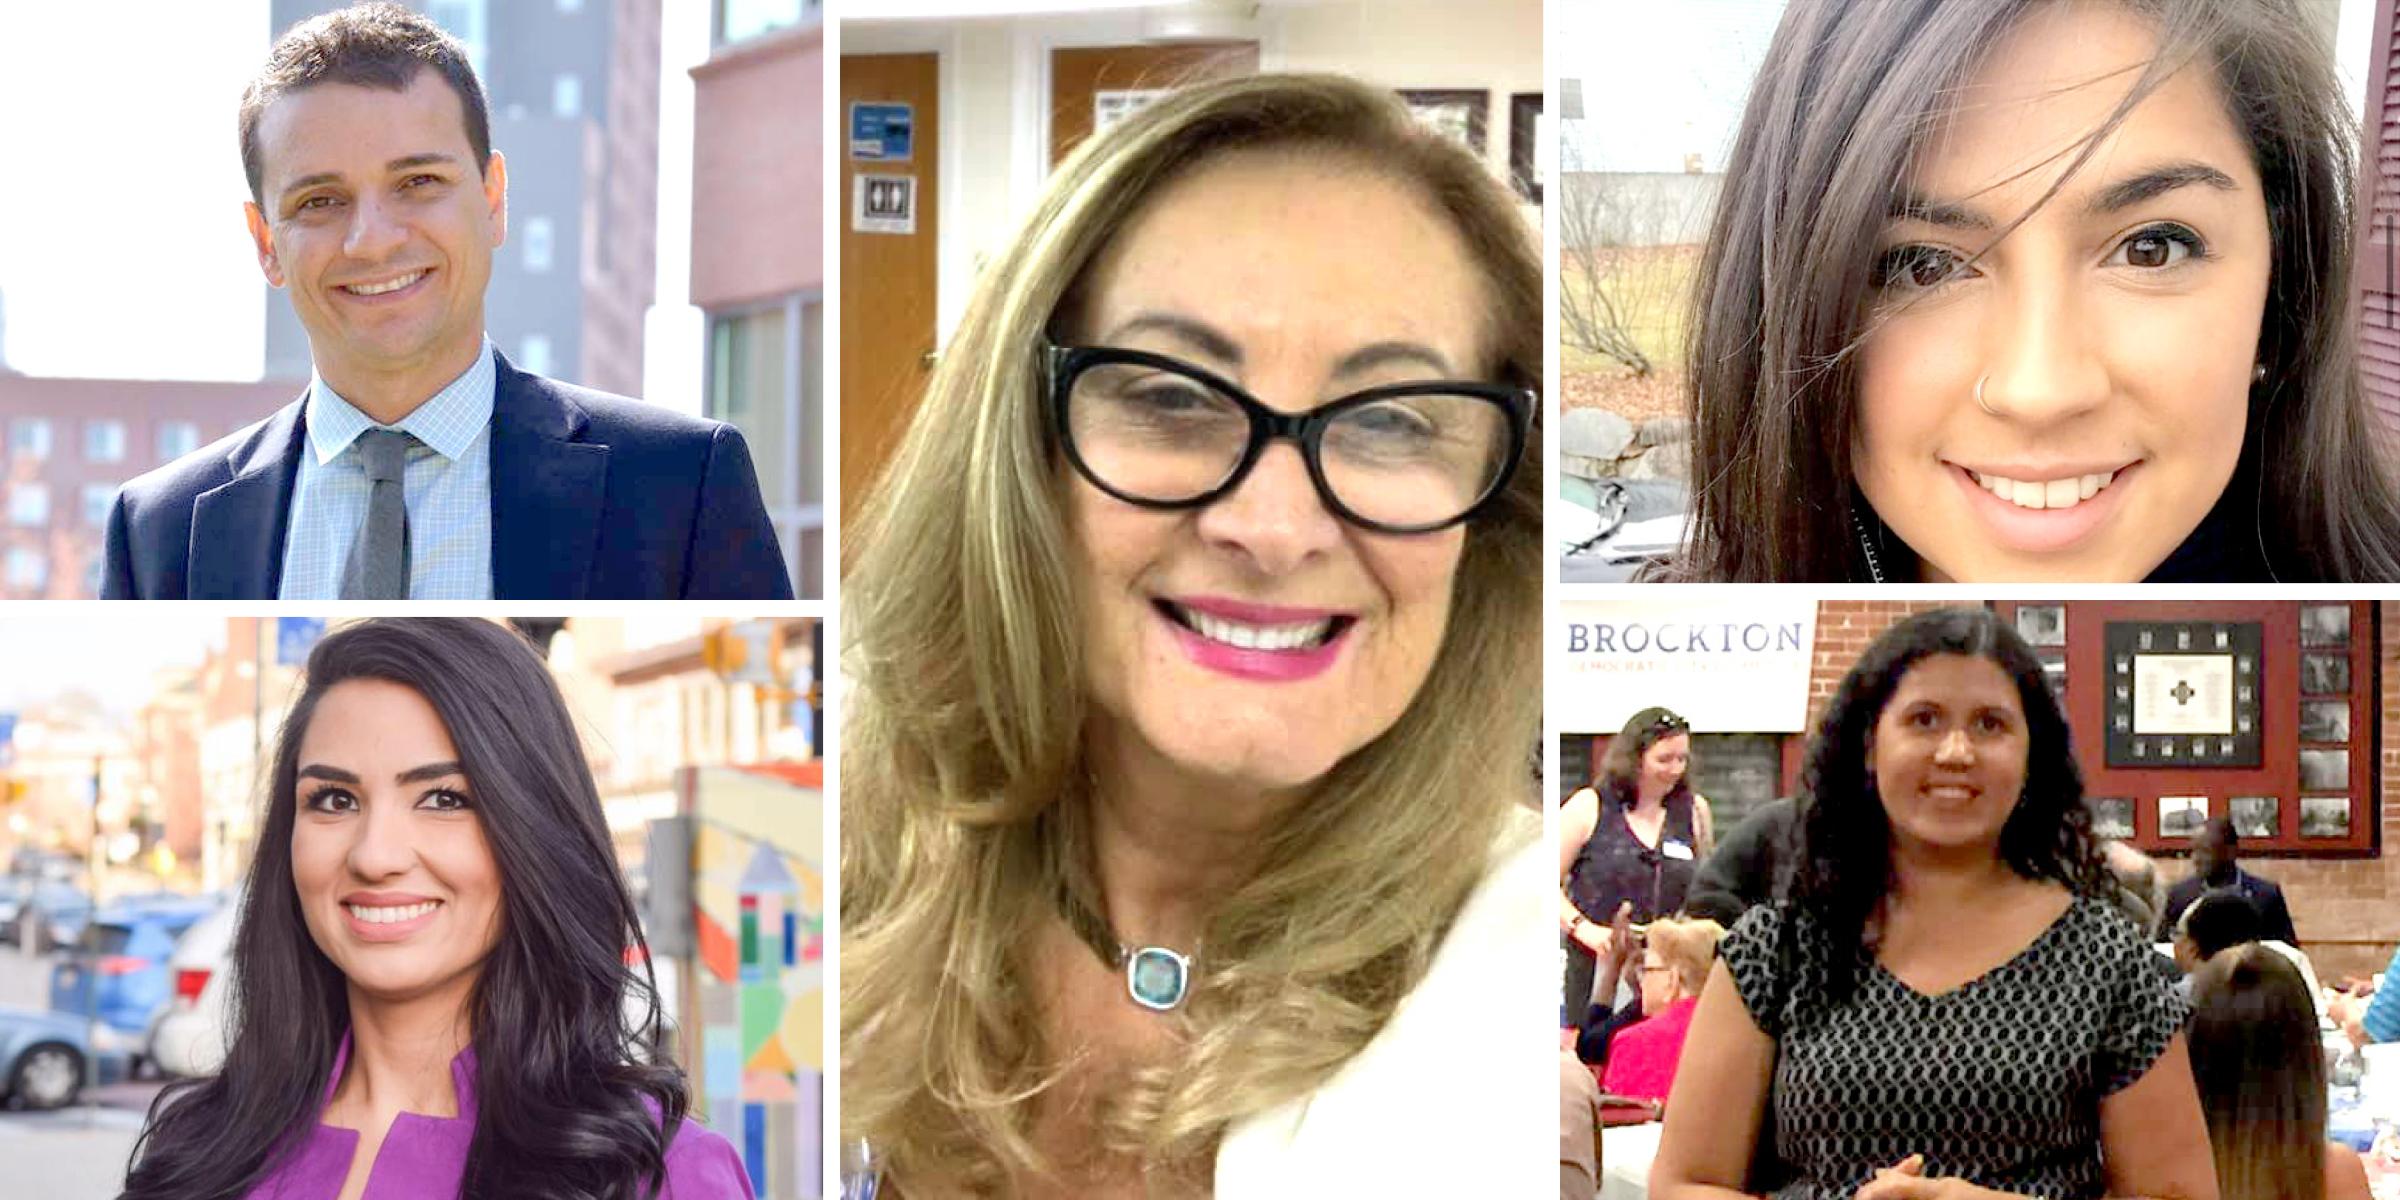 Foto2 Marcony Almeida Stephanie Martins Margareth Shepard e Priscila Sousa 5 brasileiros vencem as eleições em Massachusetts